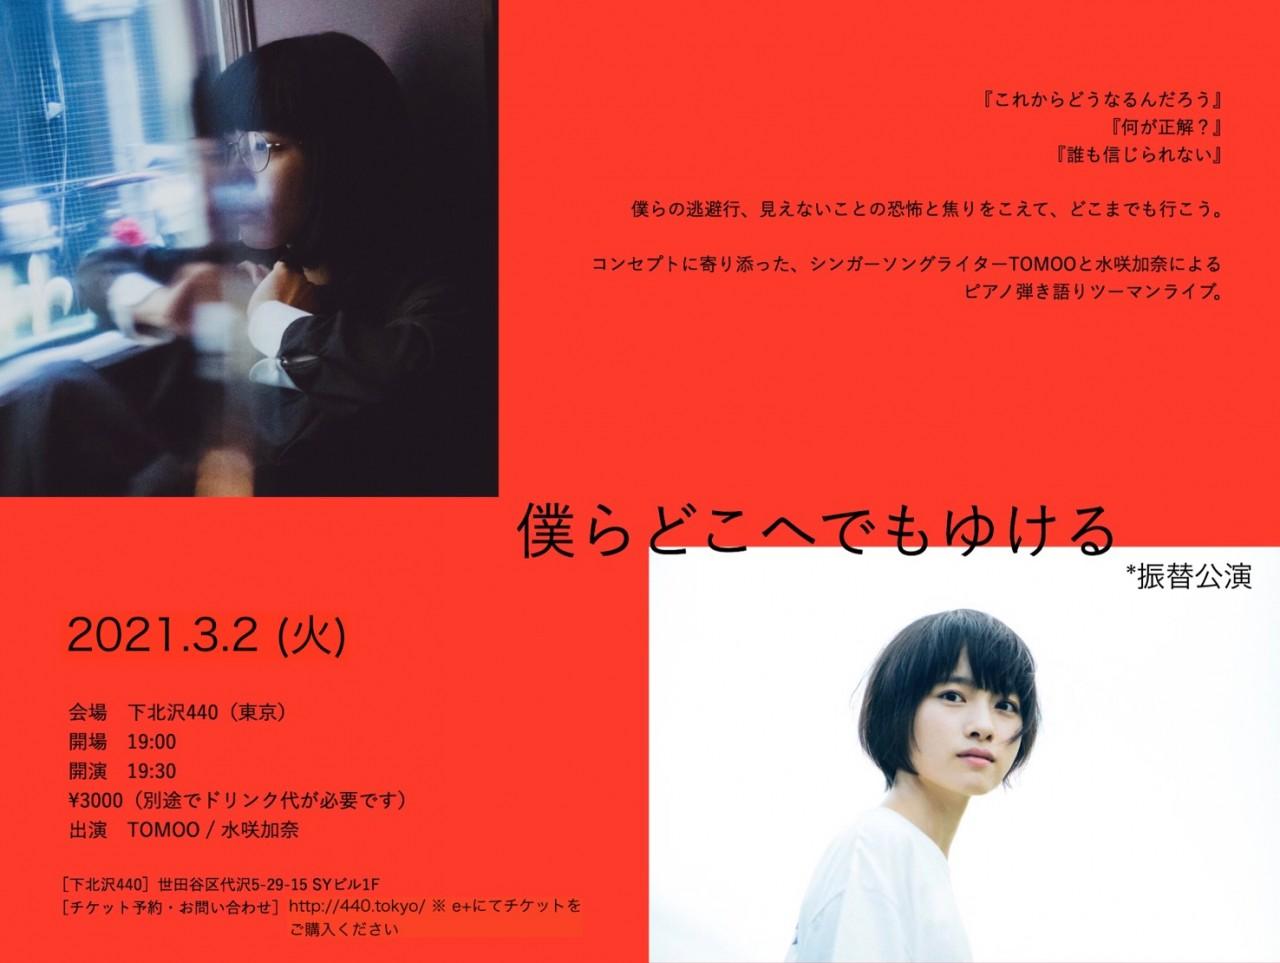 TOMOO × 水咲加奈 ツーマンライブ「僕らどこへでもゆける」